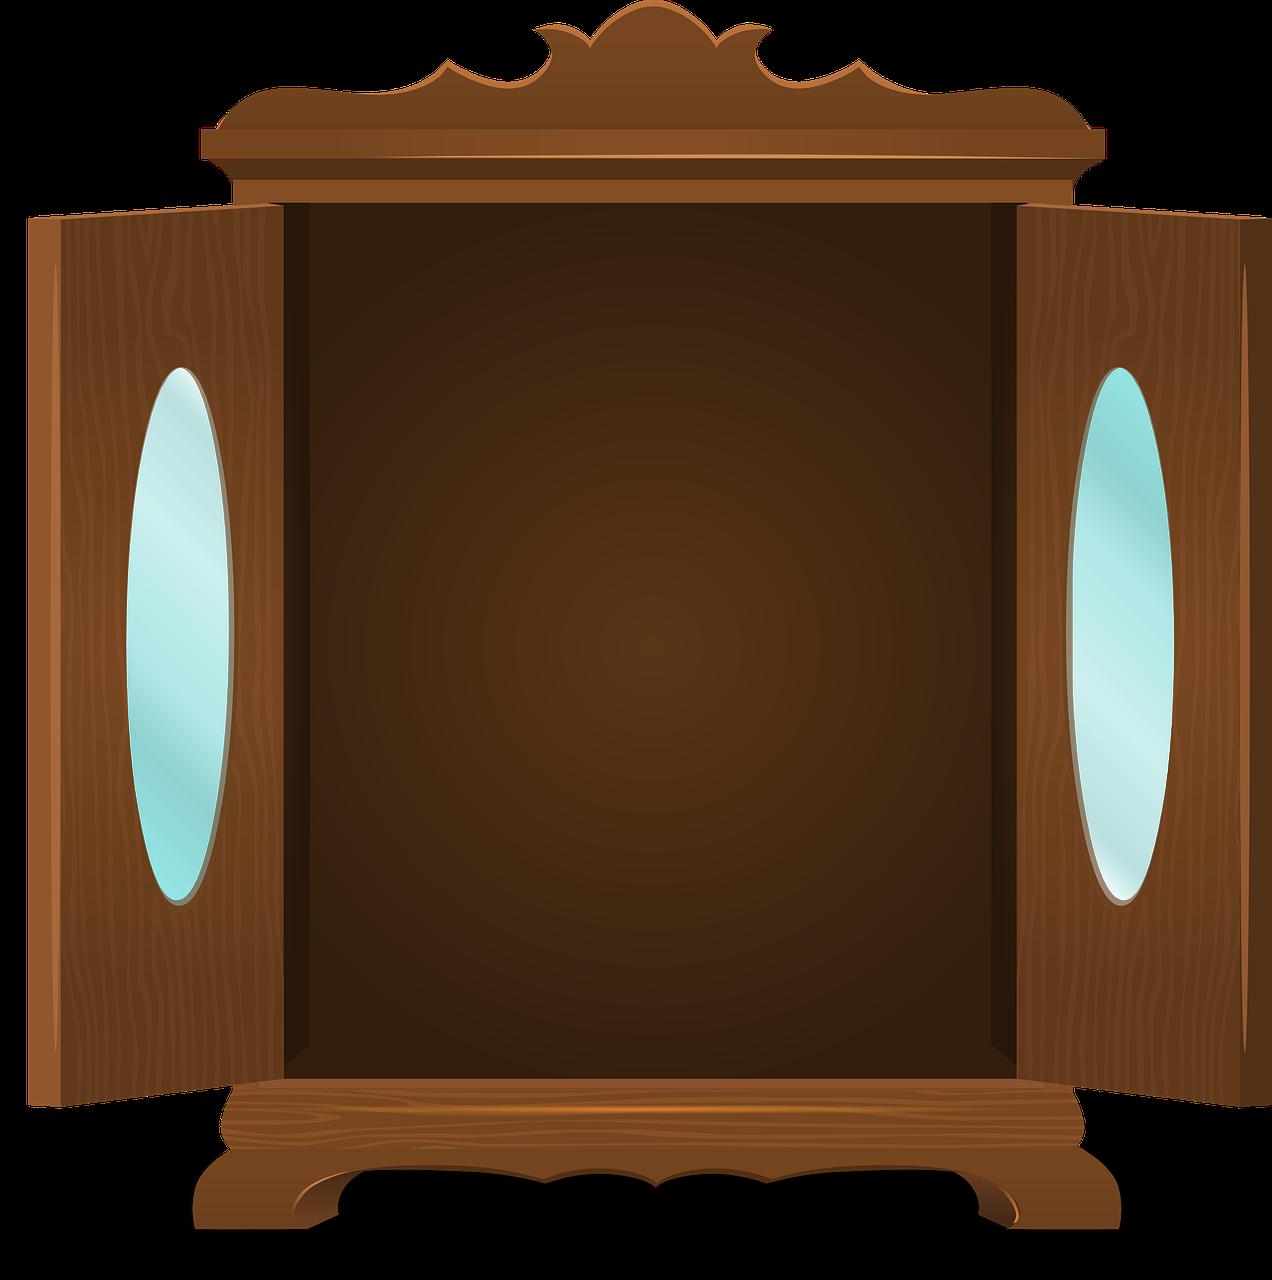 svg transparent Free Image on Pixabay